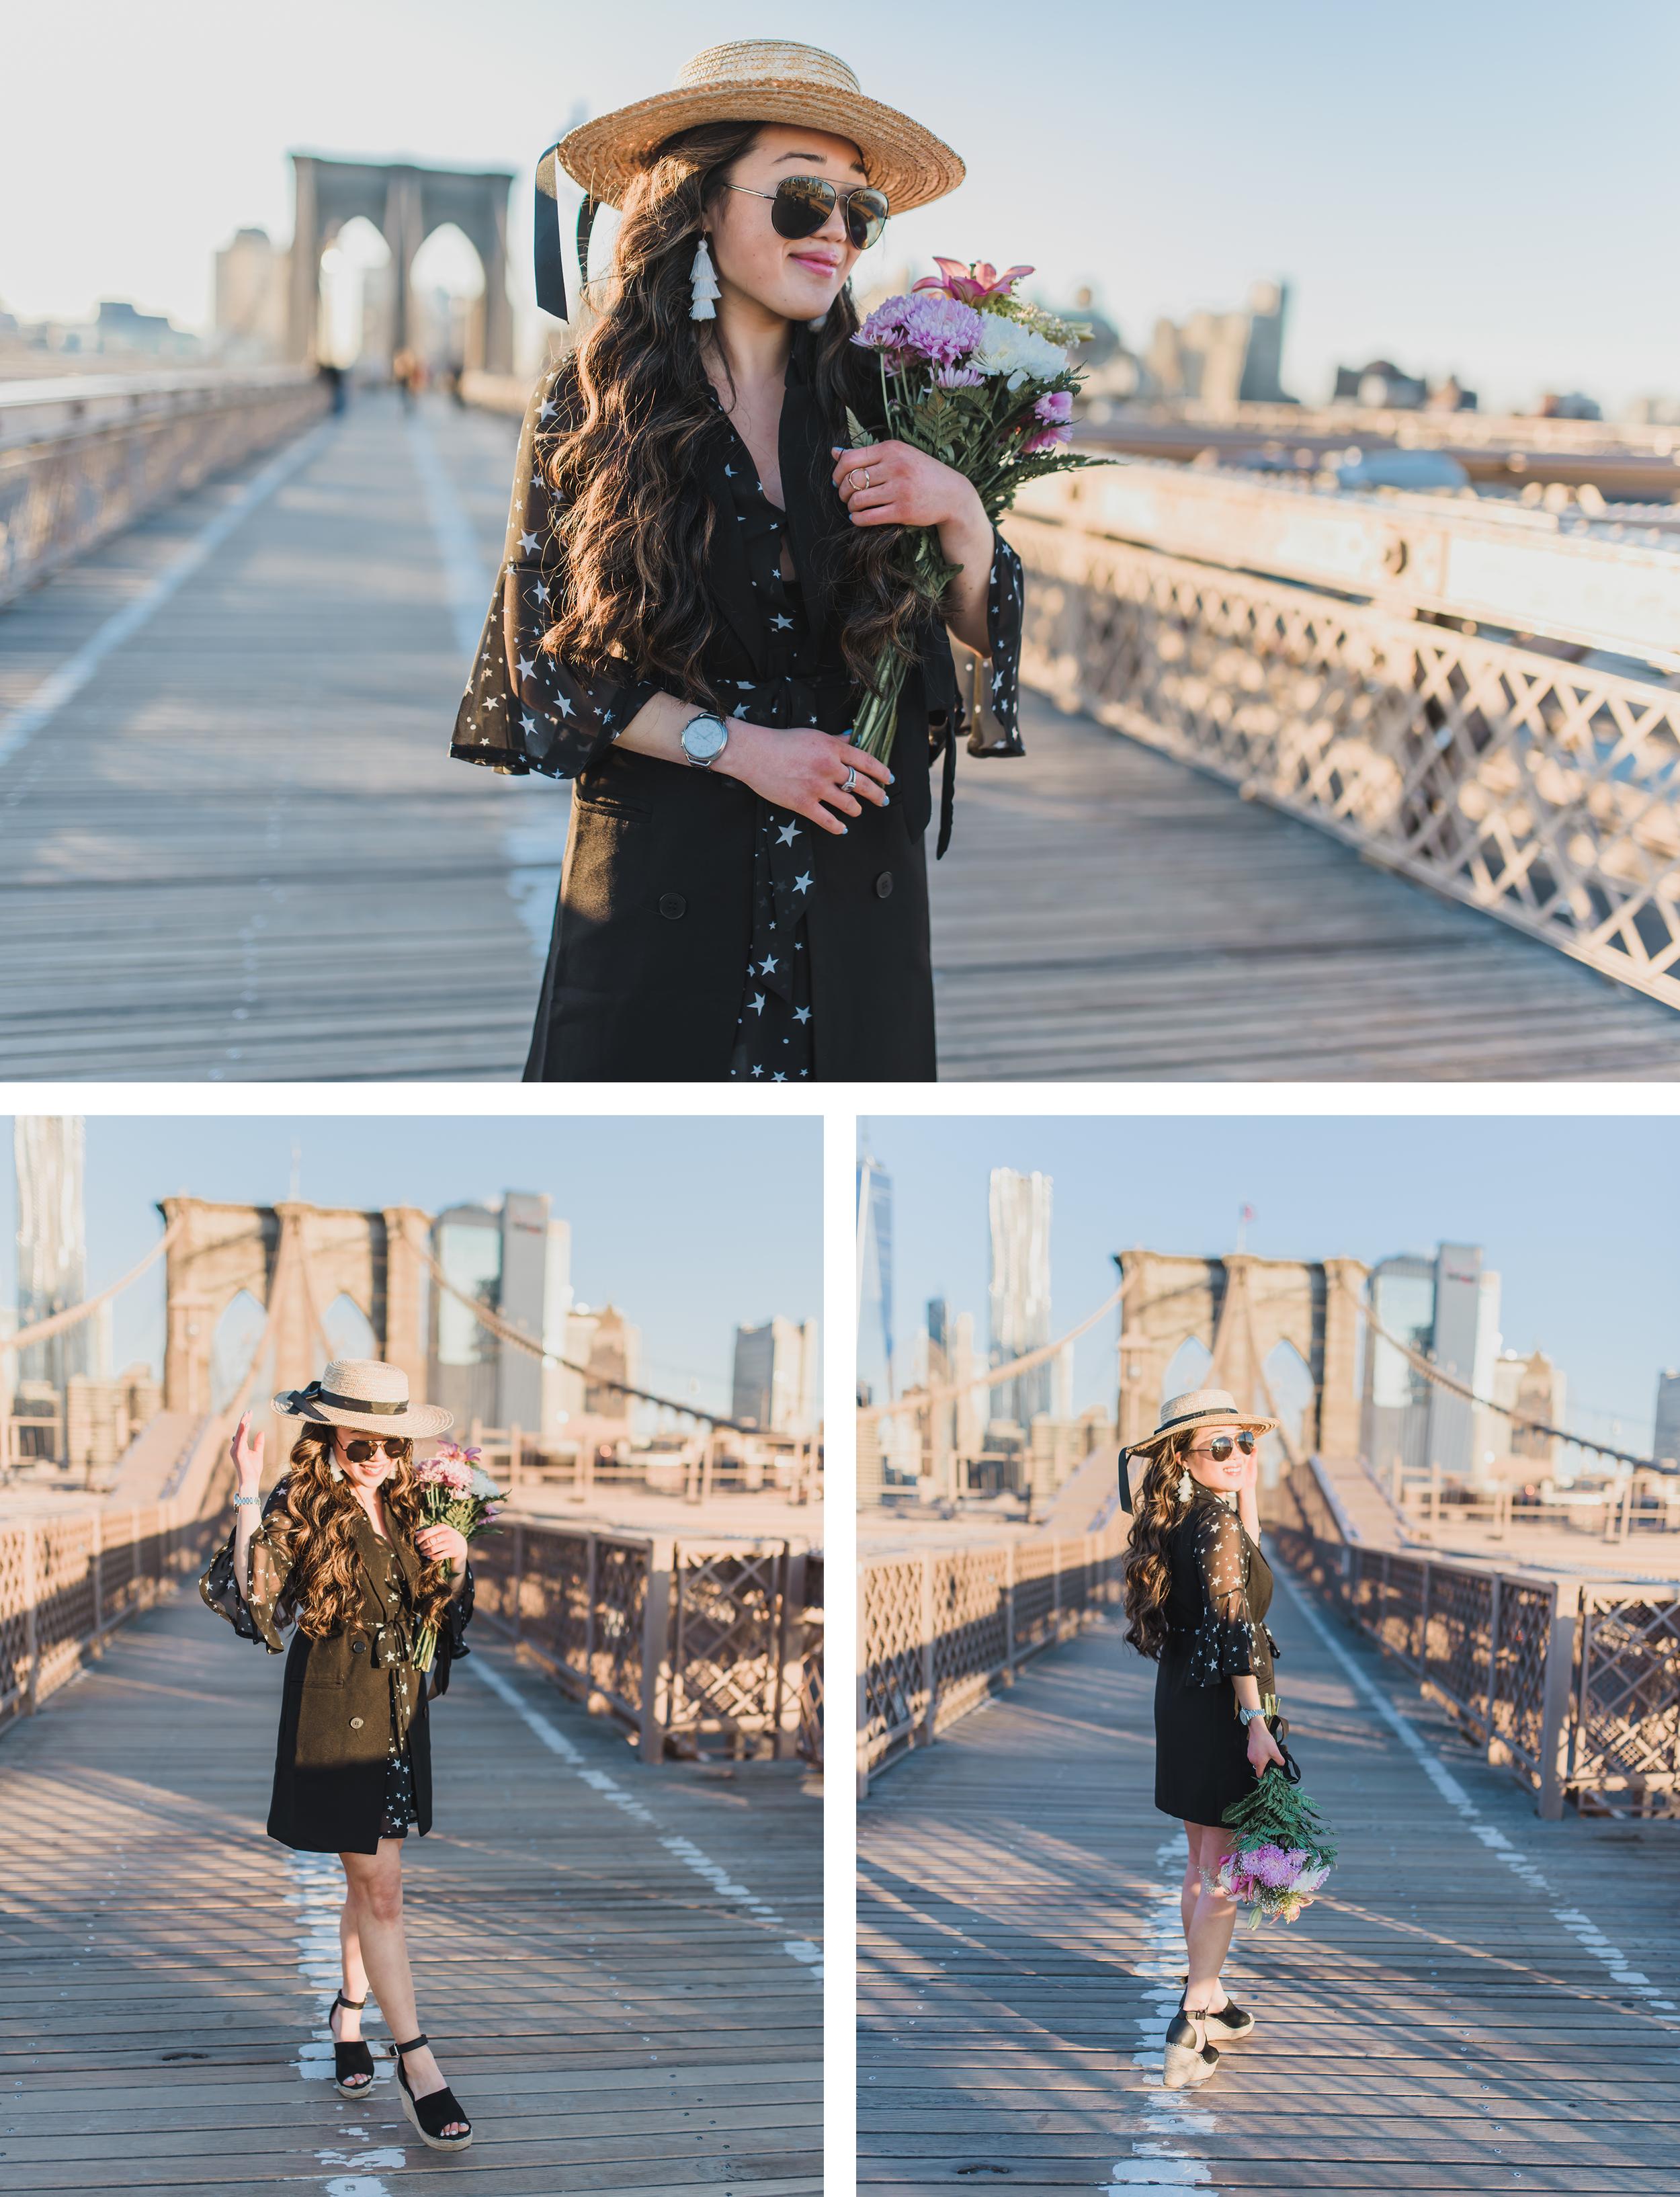 Grace Lee Brooklyn Bridge_Gallery 1.png